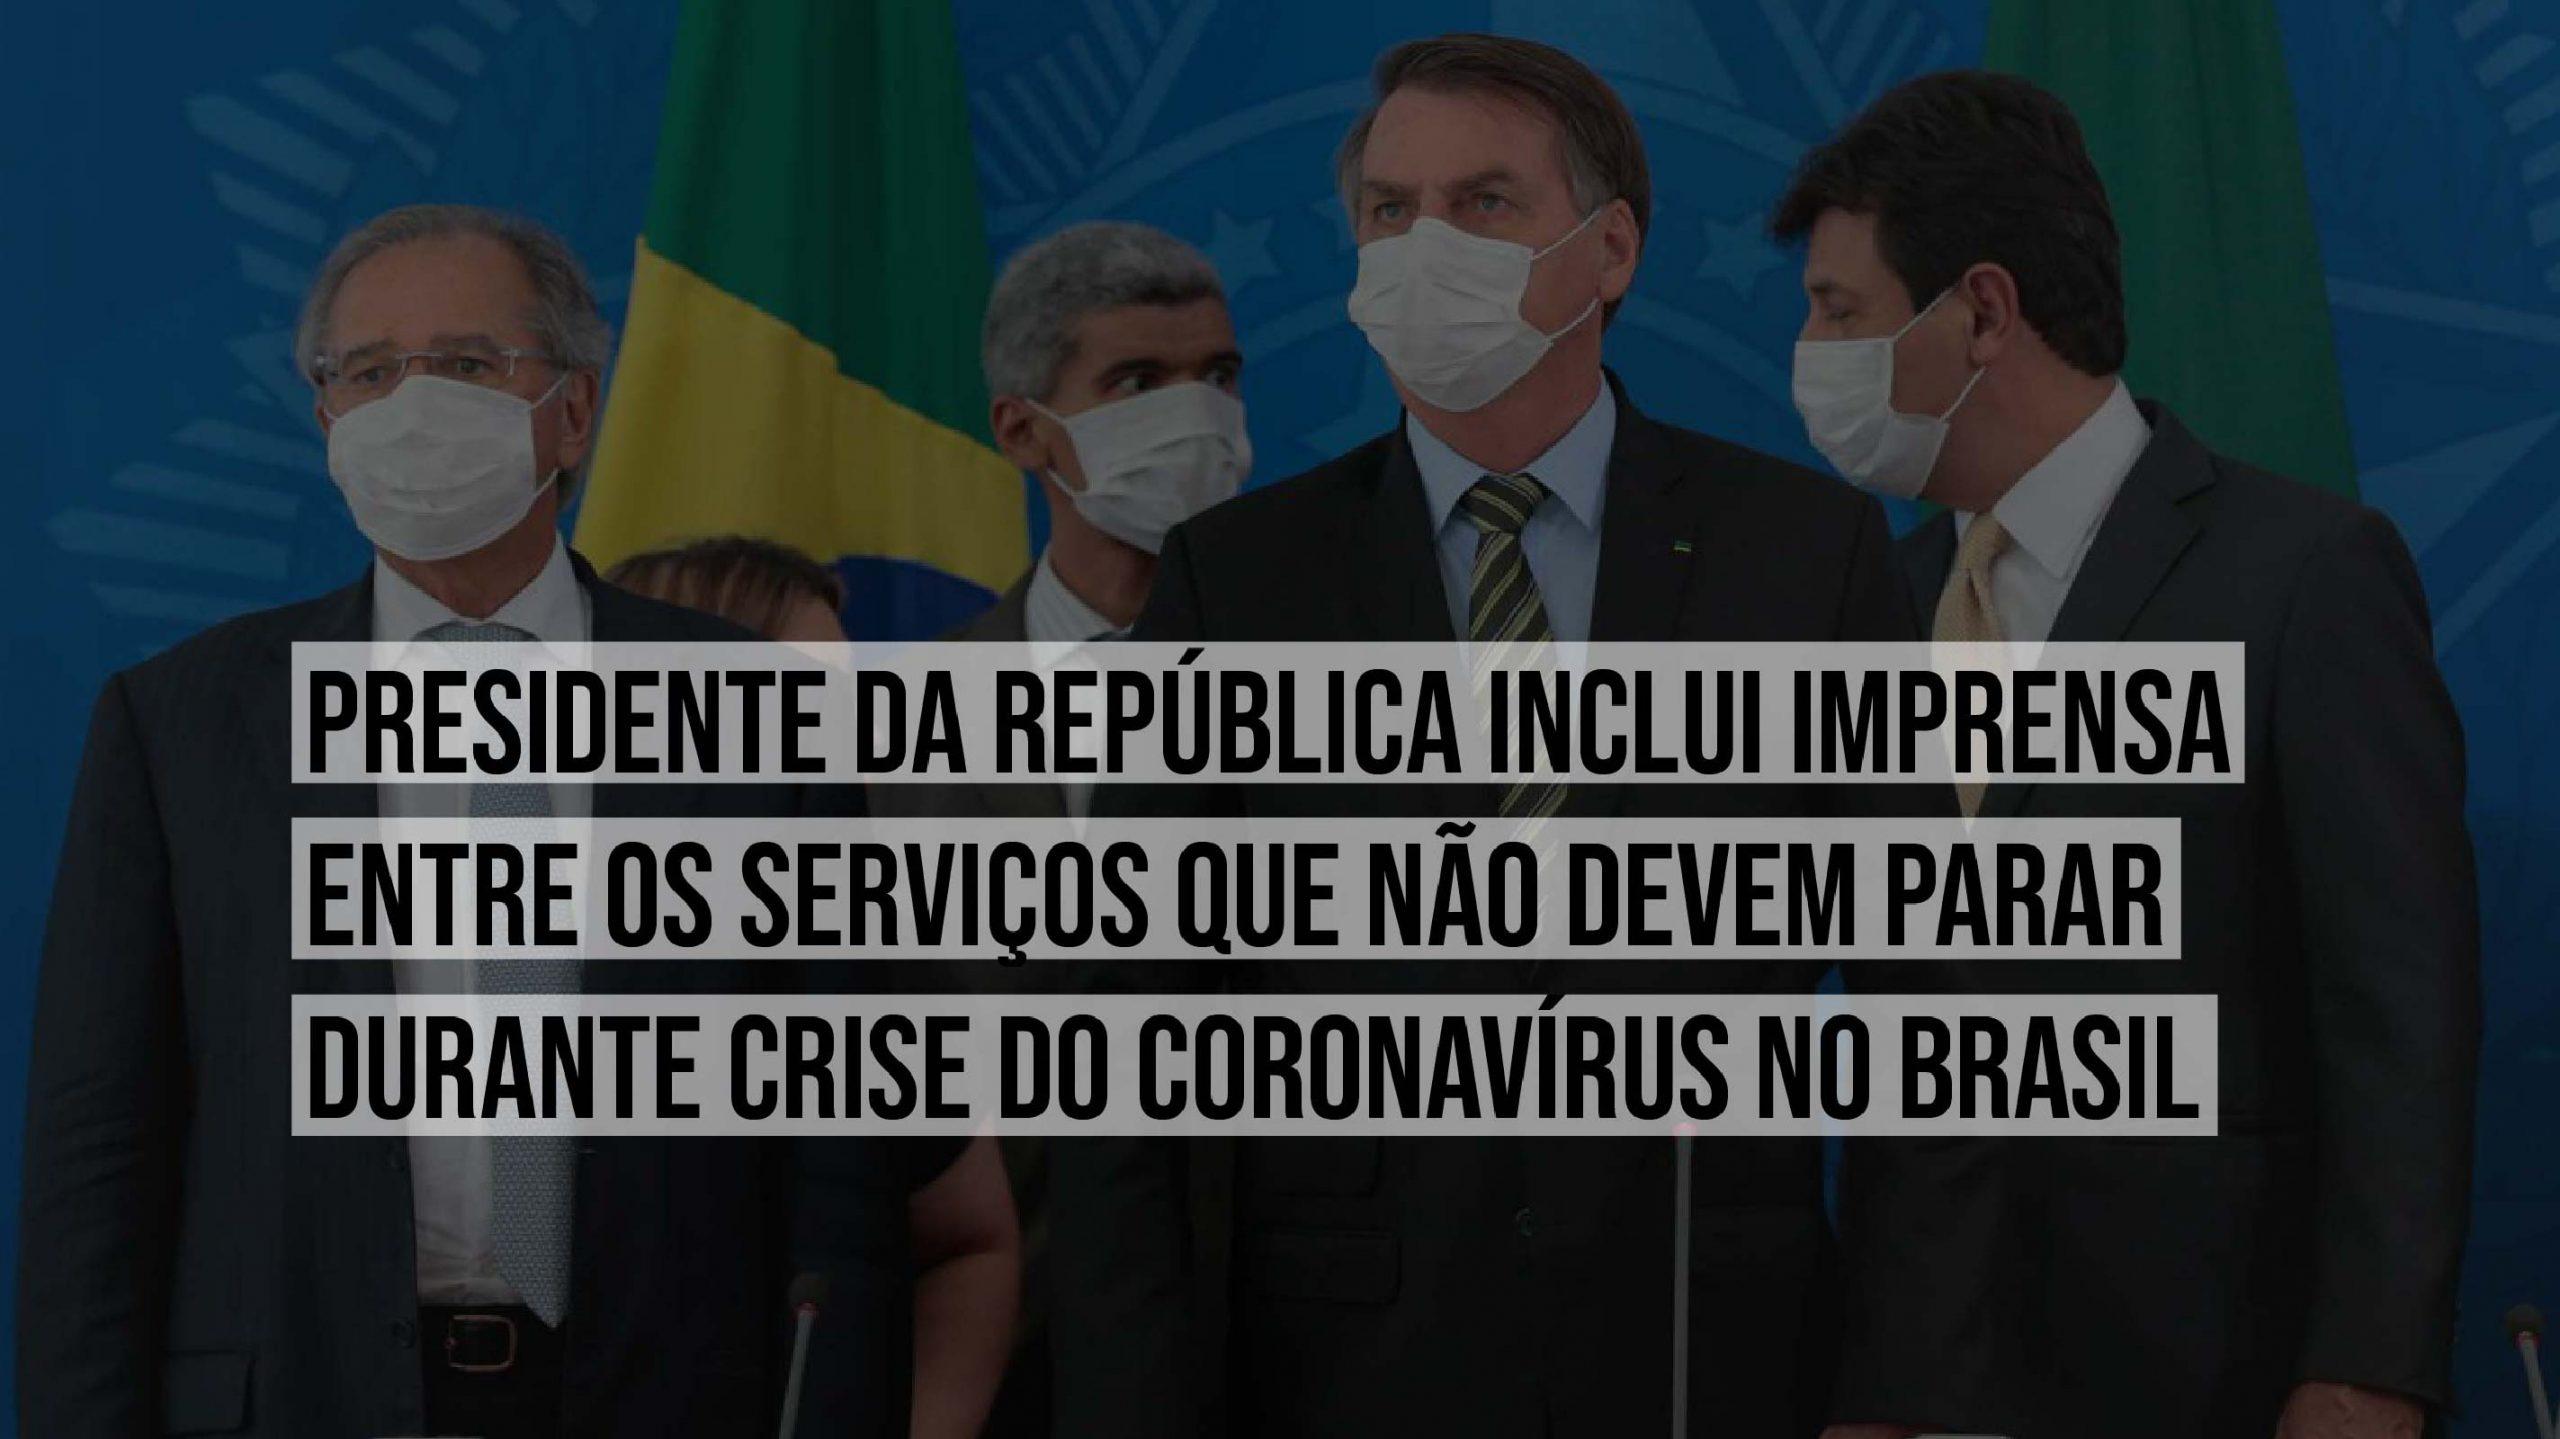 Presidente da República inclui imprensa entre os serviços essenciais durante crise do Coronavírus no Brasil